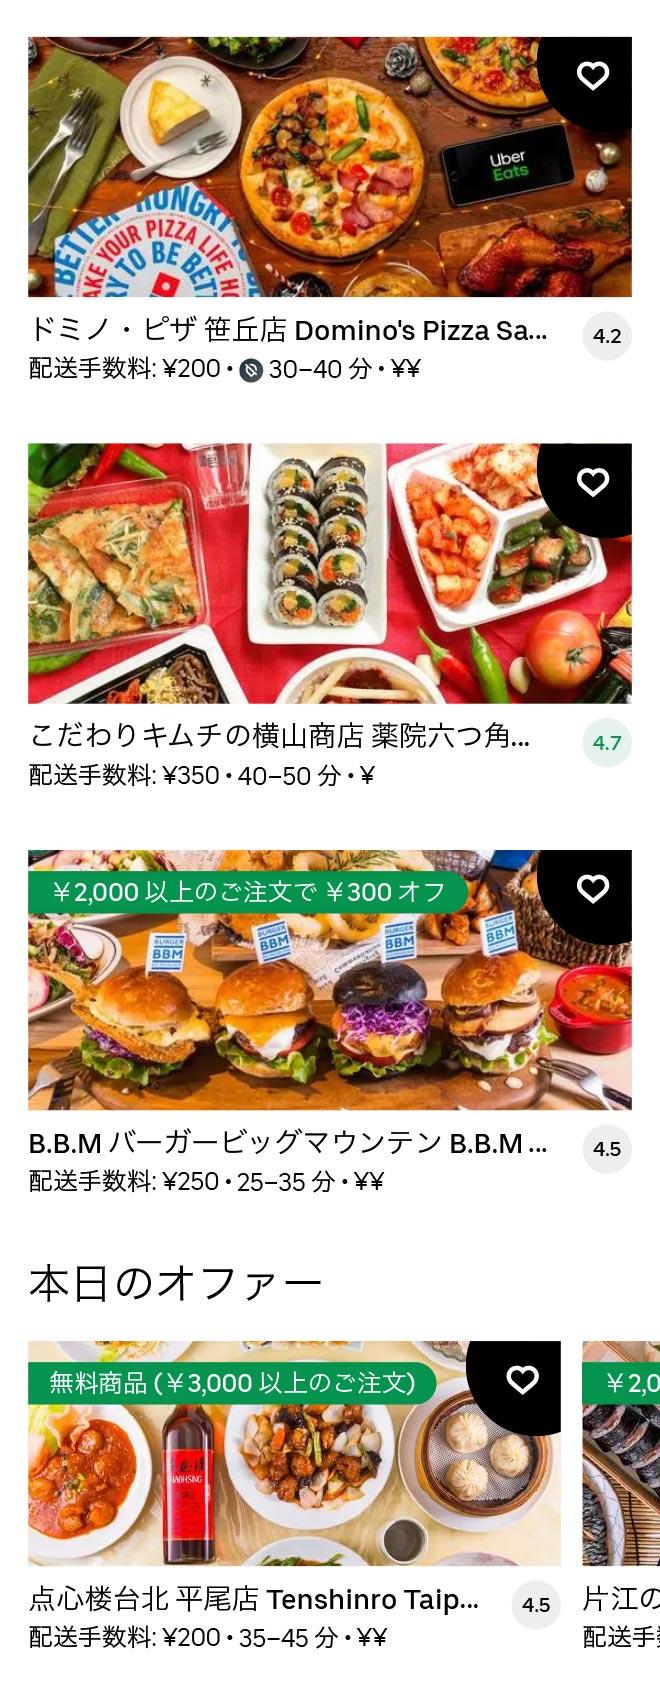 Nanakuma menu 2101 09